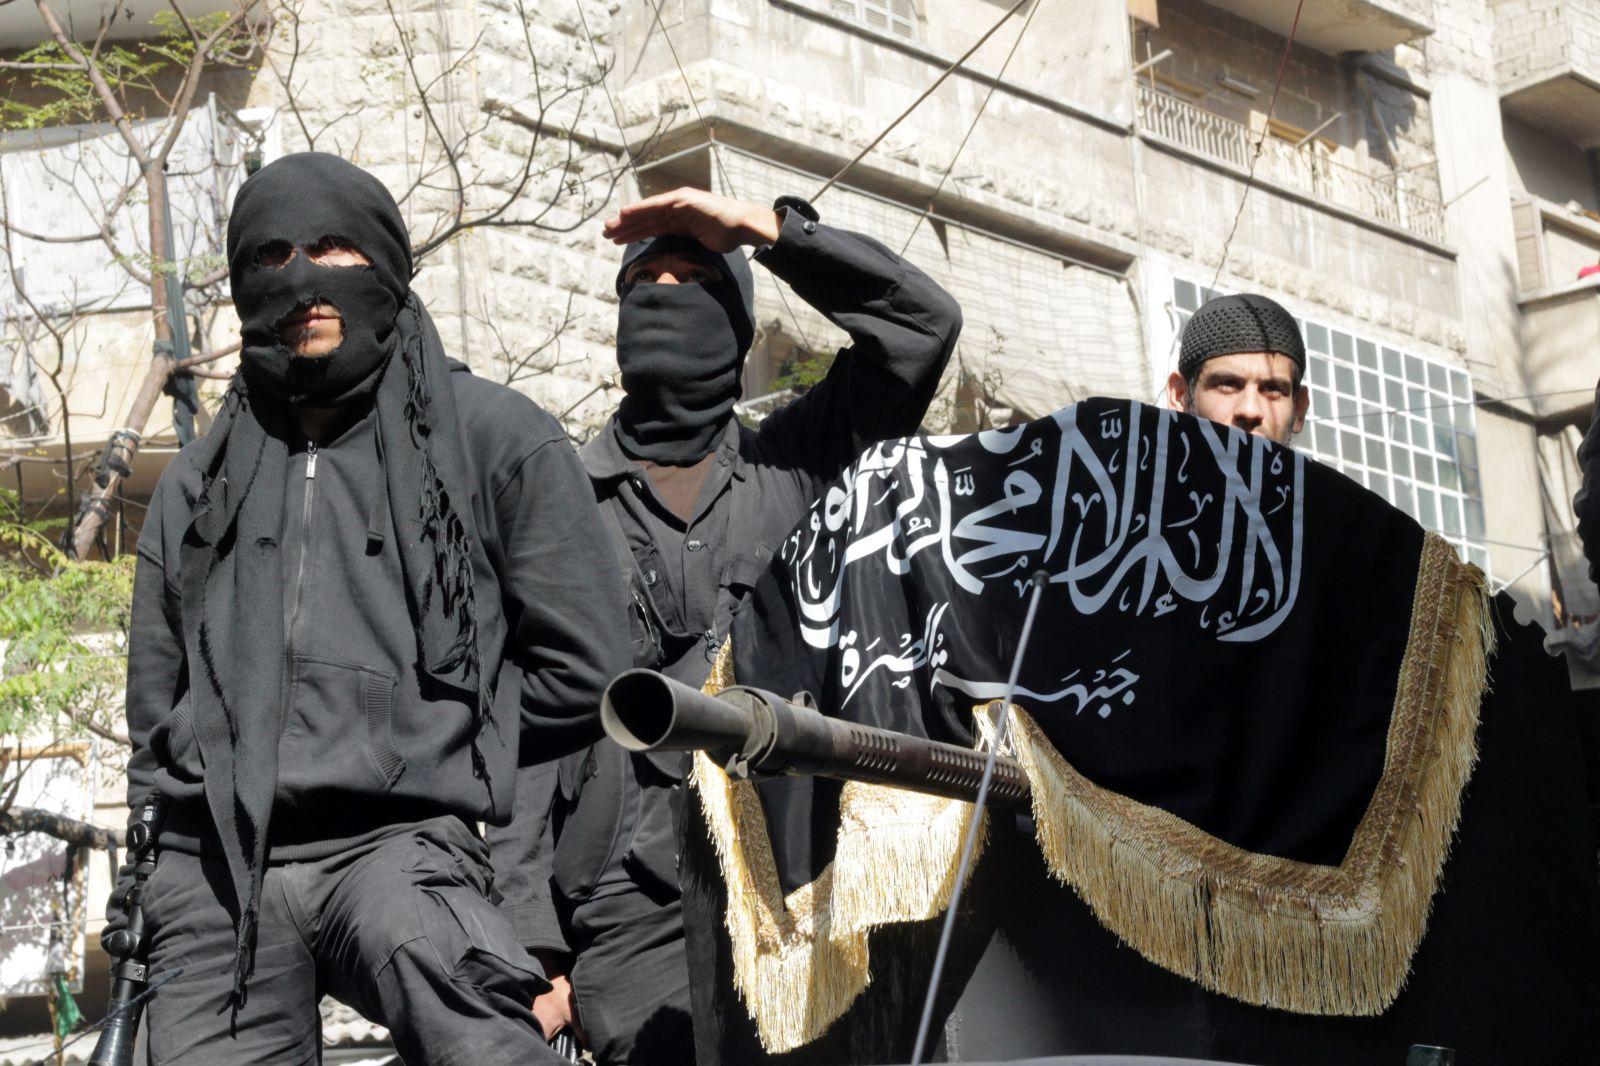 جبهة النصرة تؤكد ارتباطها بتنظيم القاعدة وتنفي تقارير عن نيتها الانفصال عنه لكسب دعم الغرب ودول الخليج